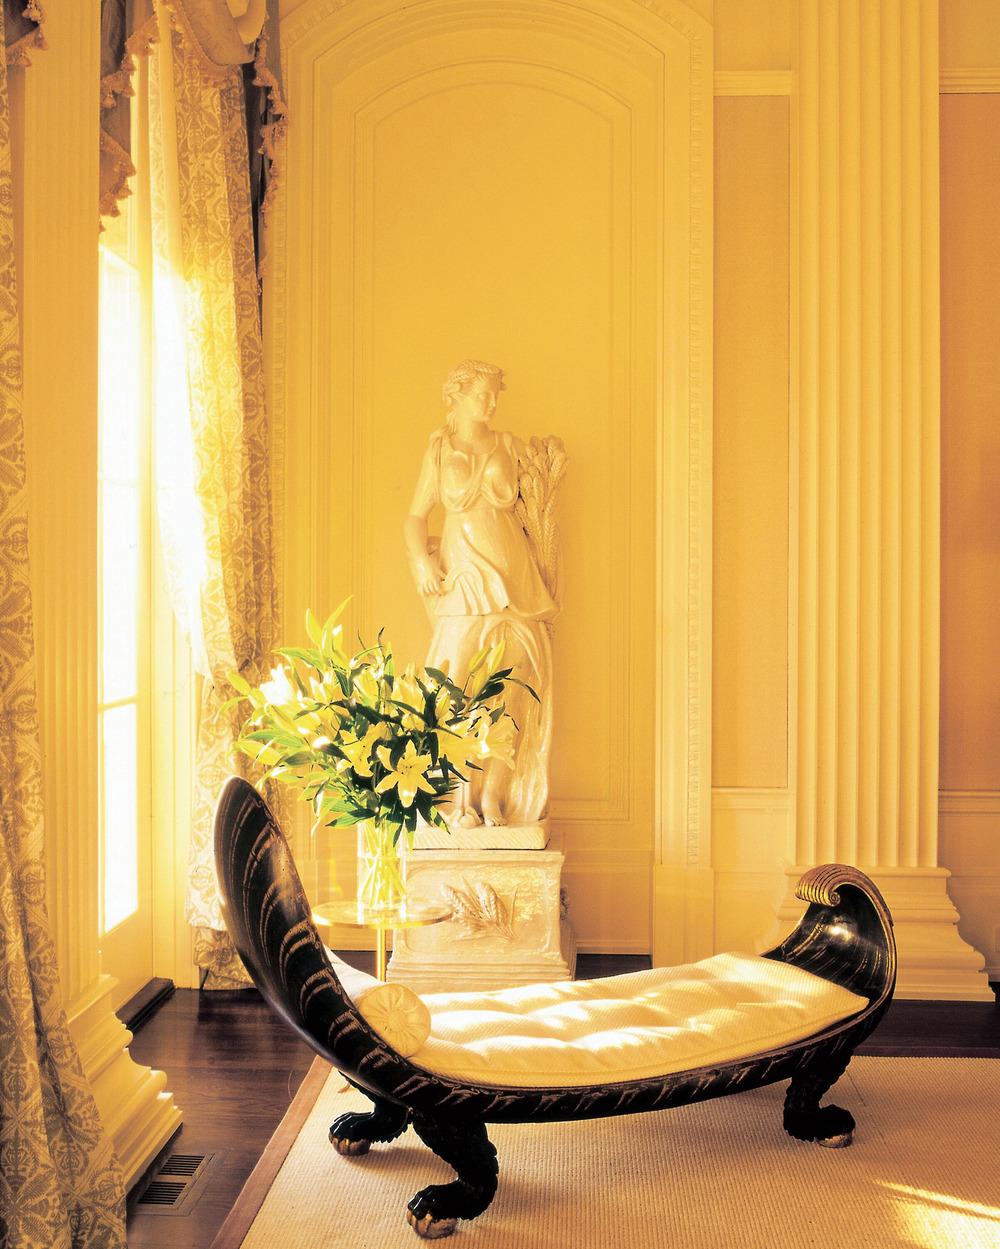 客廳中貝殼形的意大利古董貴妃椅和十八世紀的「四季」系列雕像中的「夏」。